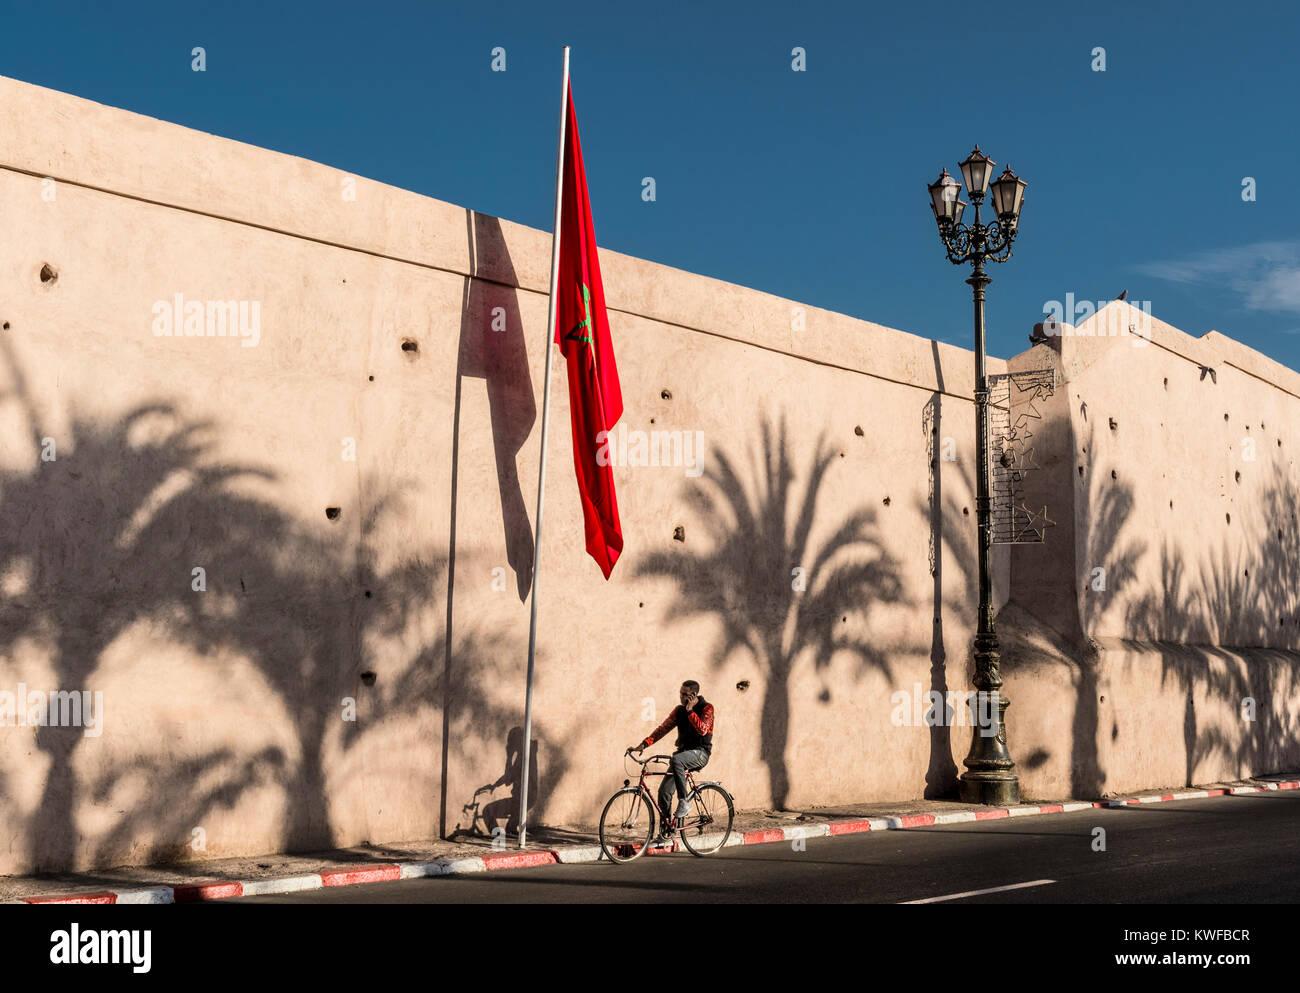 Marokkanische Flagge und Medina Stadtmauern mit Palmen Schatten. Stockbild